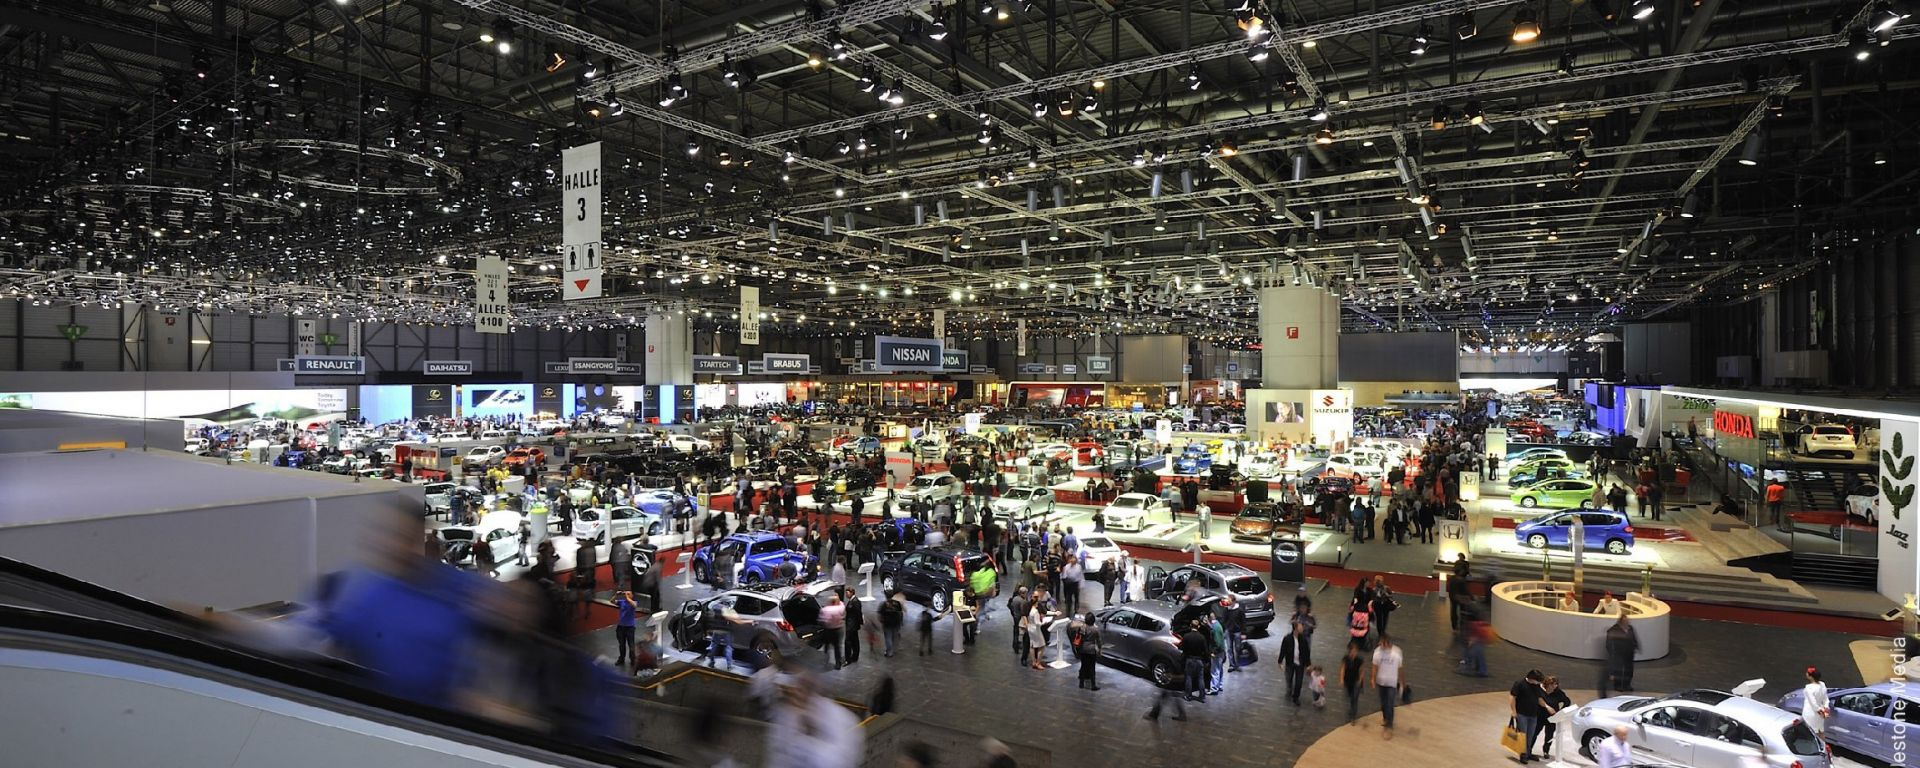 Tutte le novità del Salone di Ginevra 2012, l'elenco aggiornato